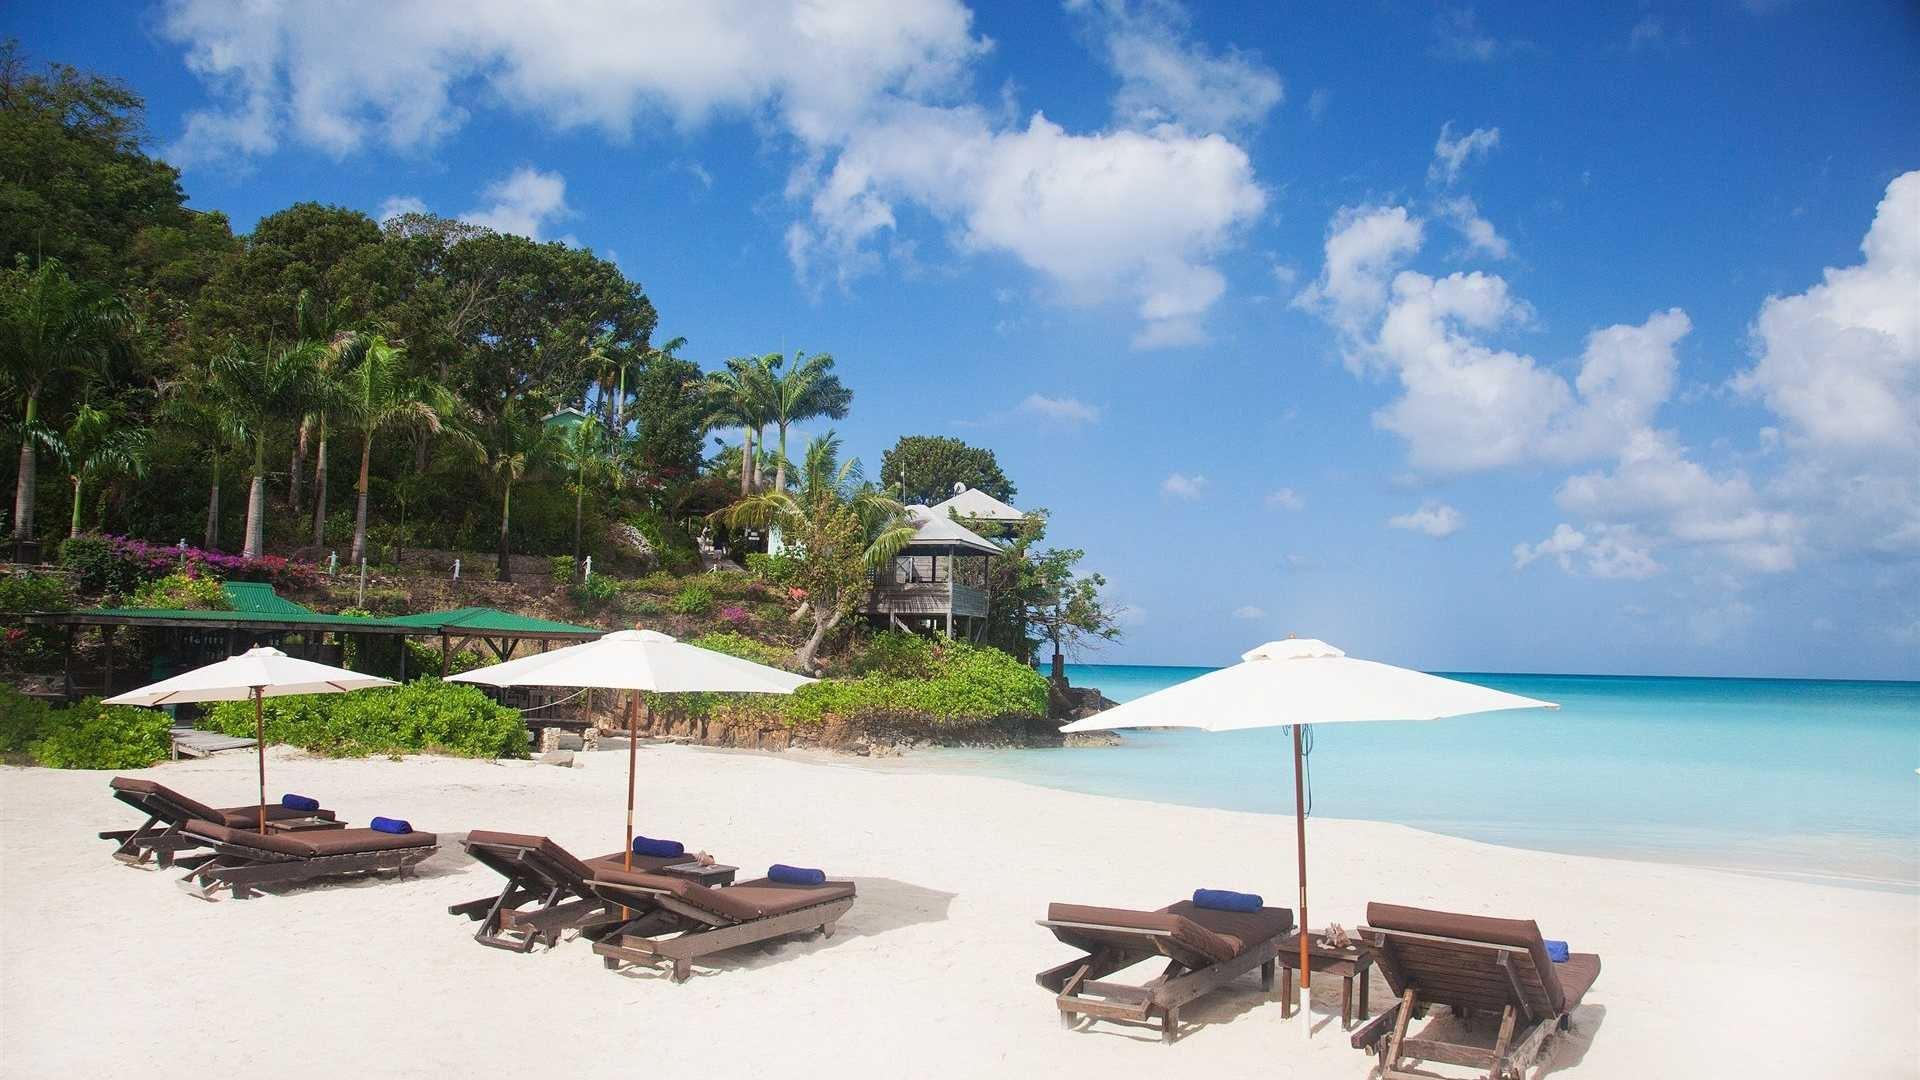 Antigua Widescreen